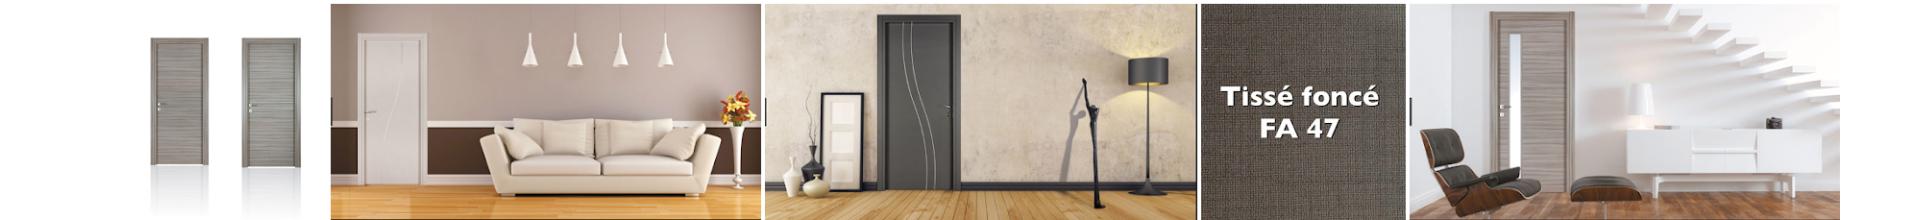 Un kit rénovation porte intérieure bien pensé pour portes intérieures